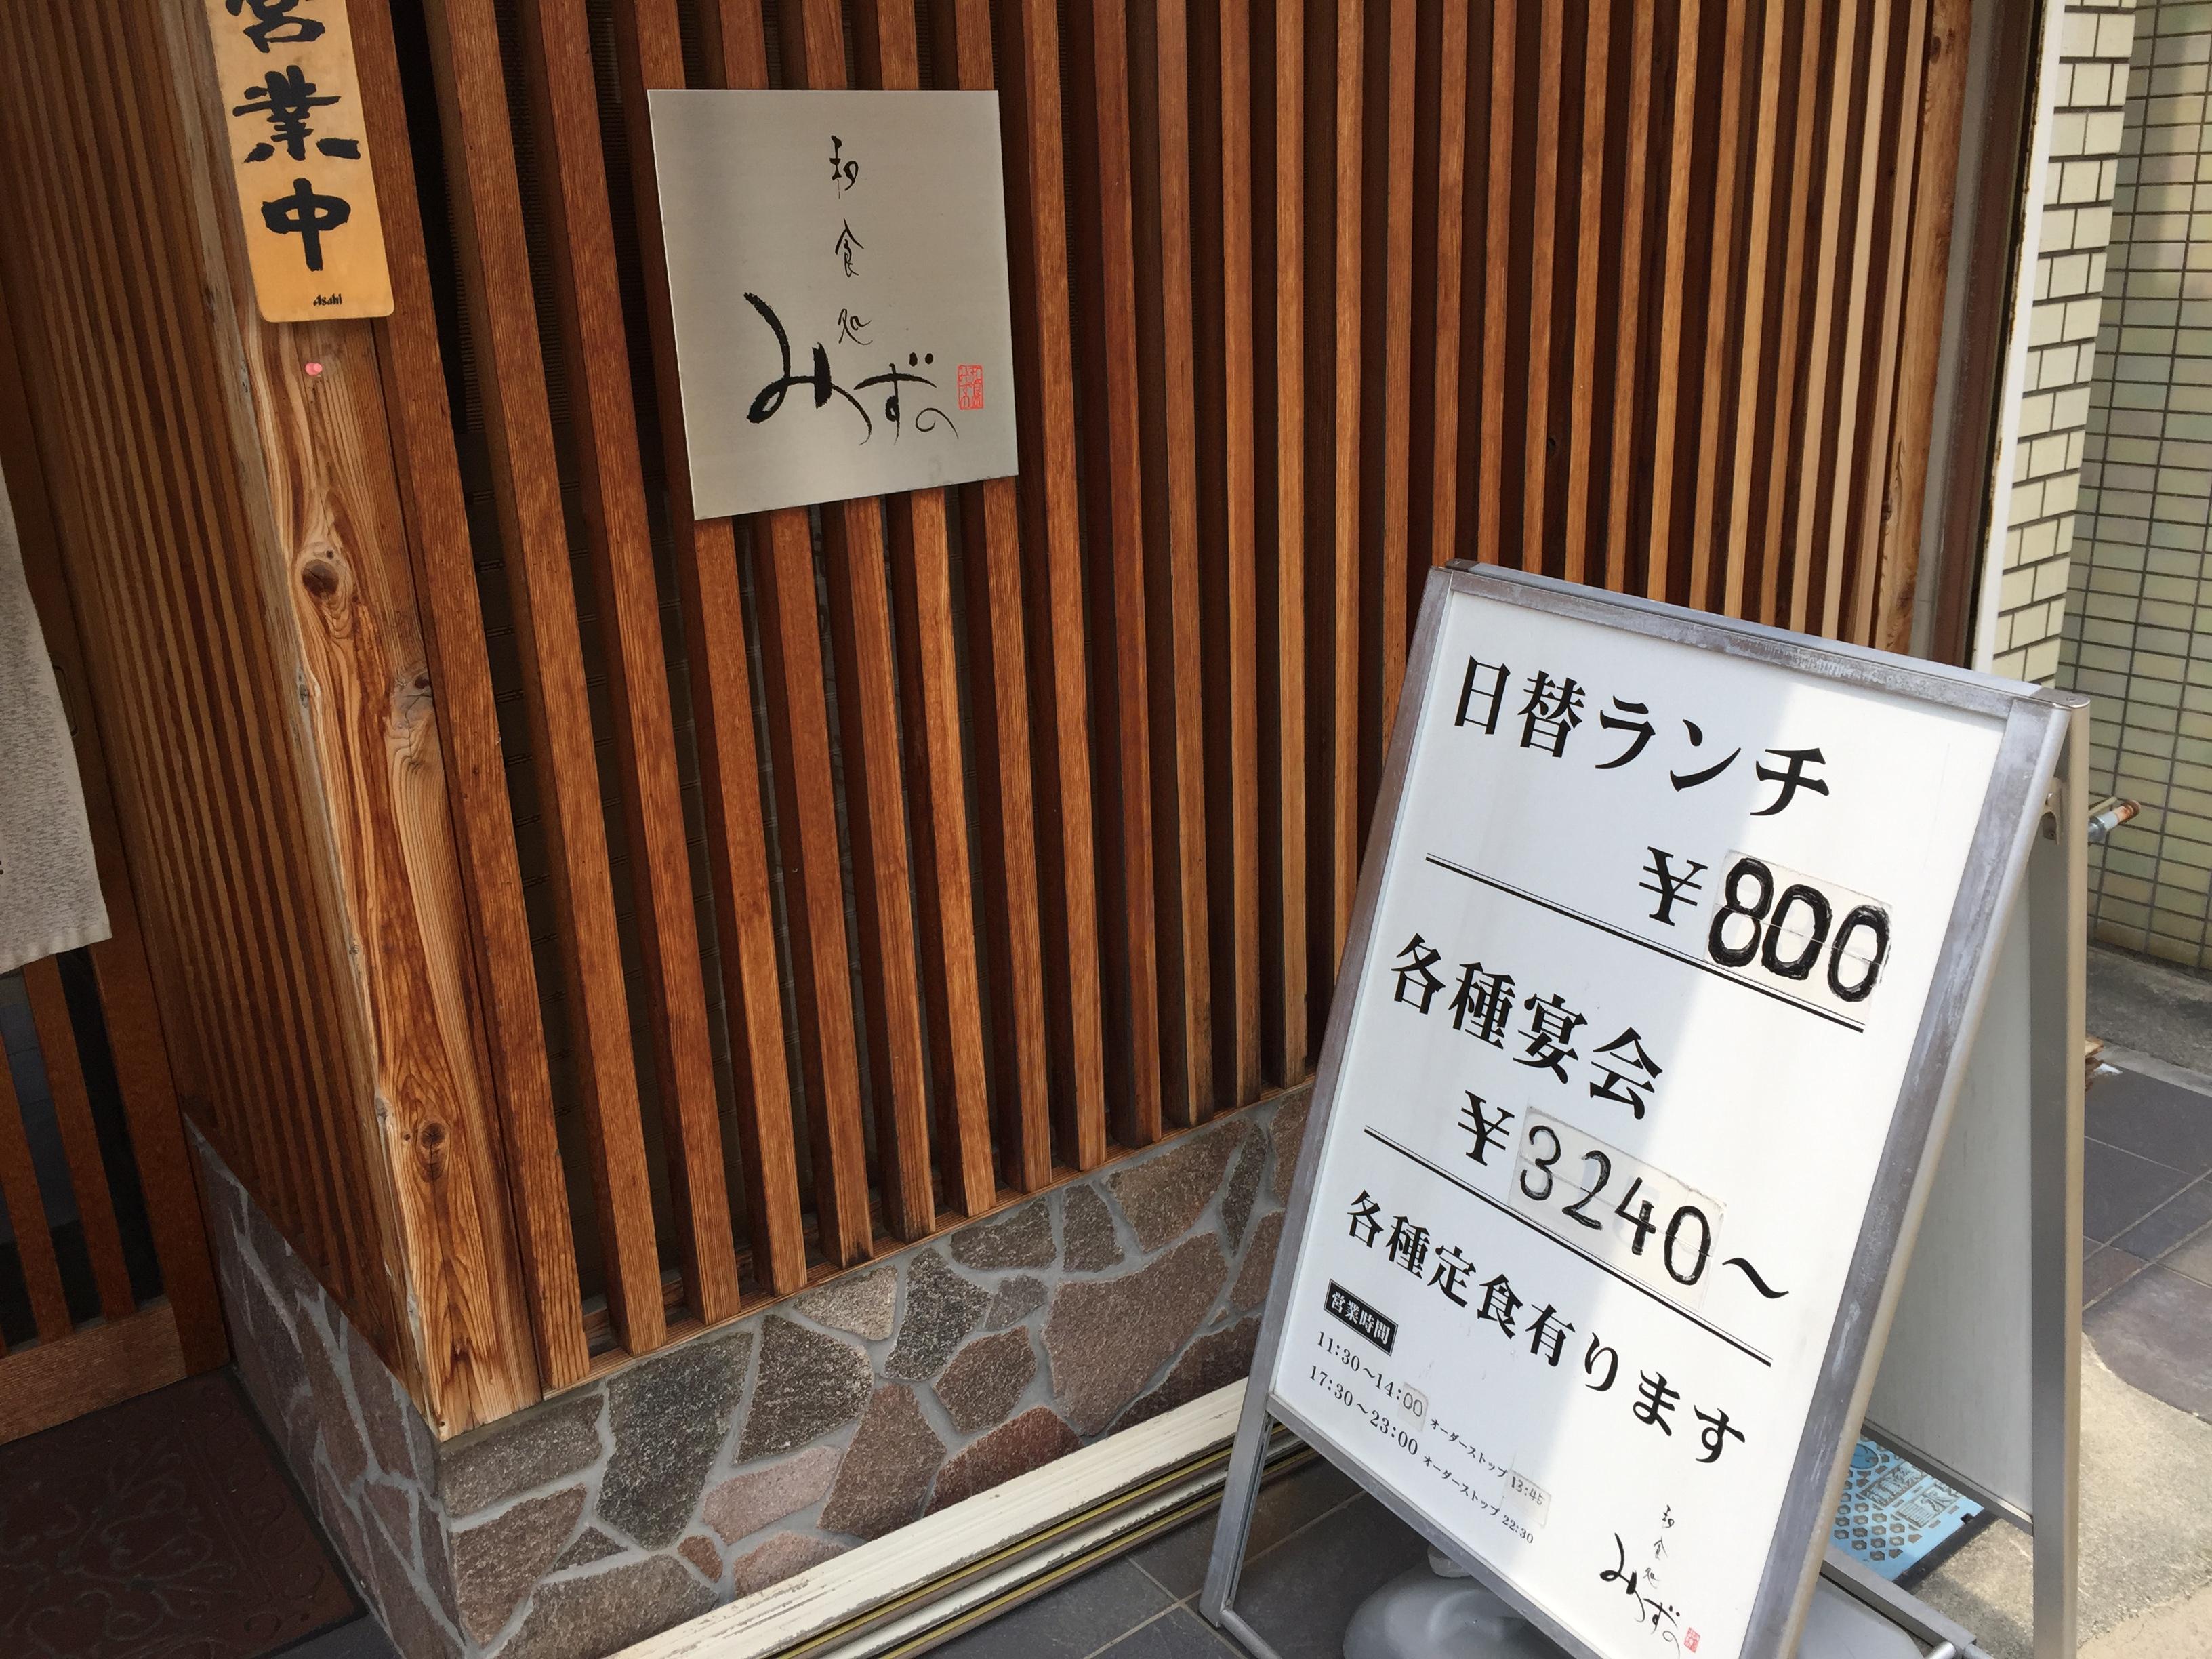 和食処 みずの 浜松 助信駅